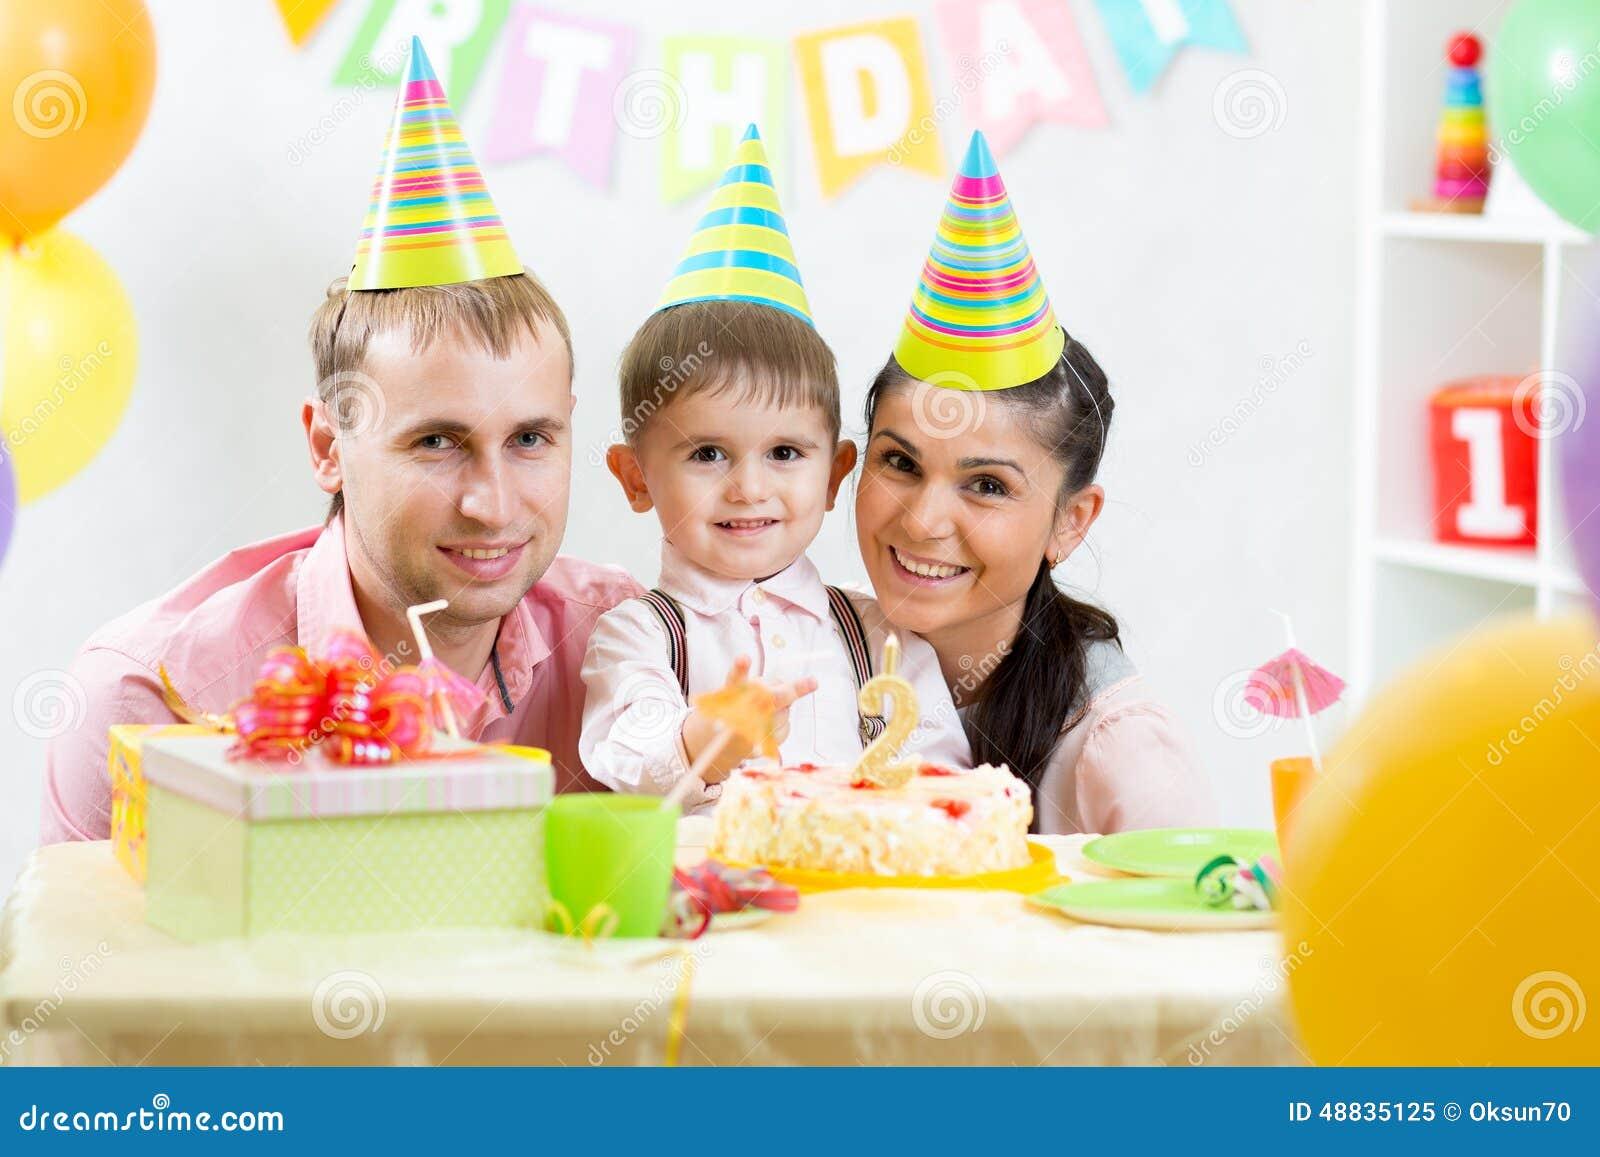 Gelukkige Ouders Die Verjaardag Van Jong Geitjezoon Vieren Stock